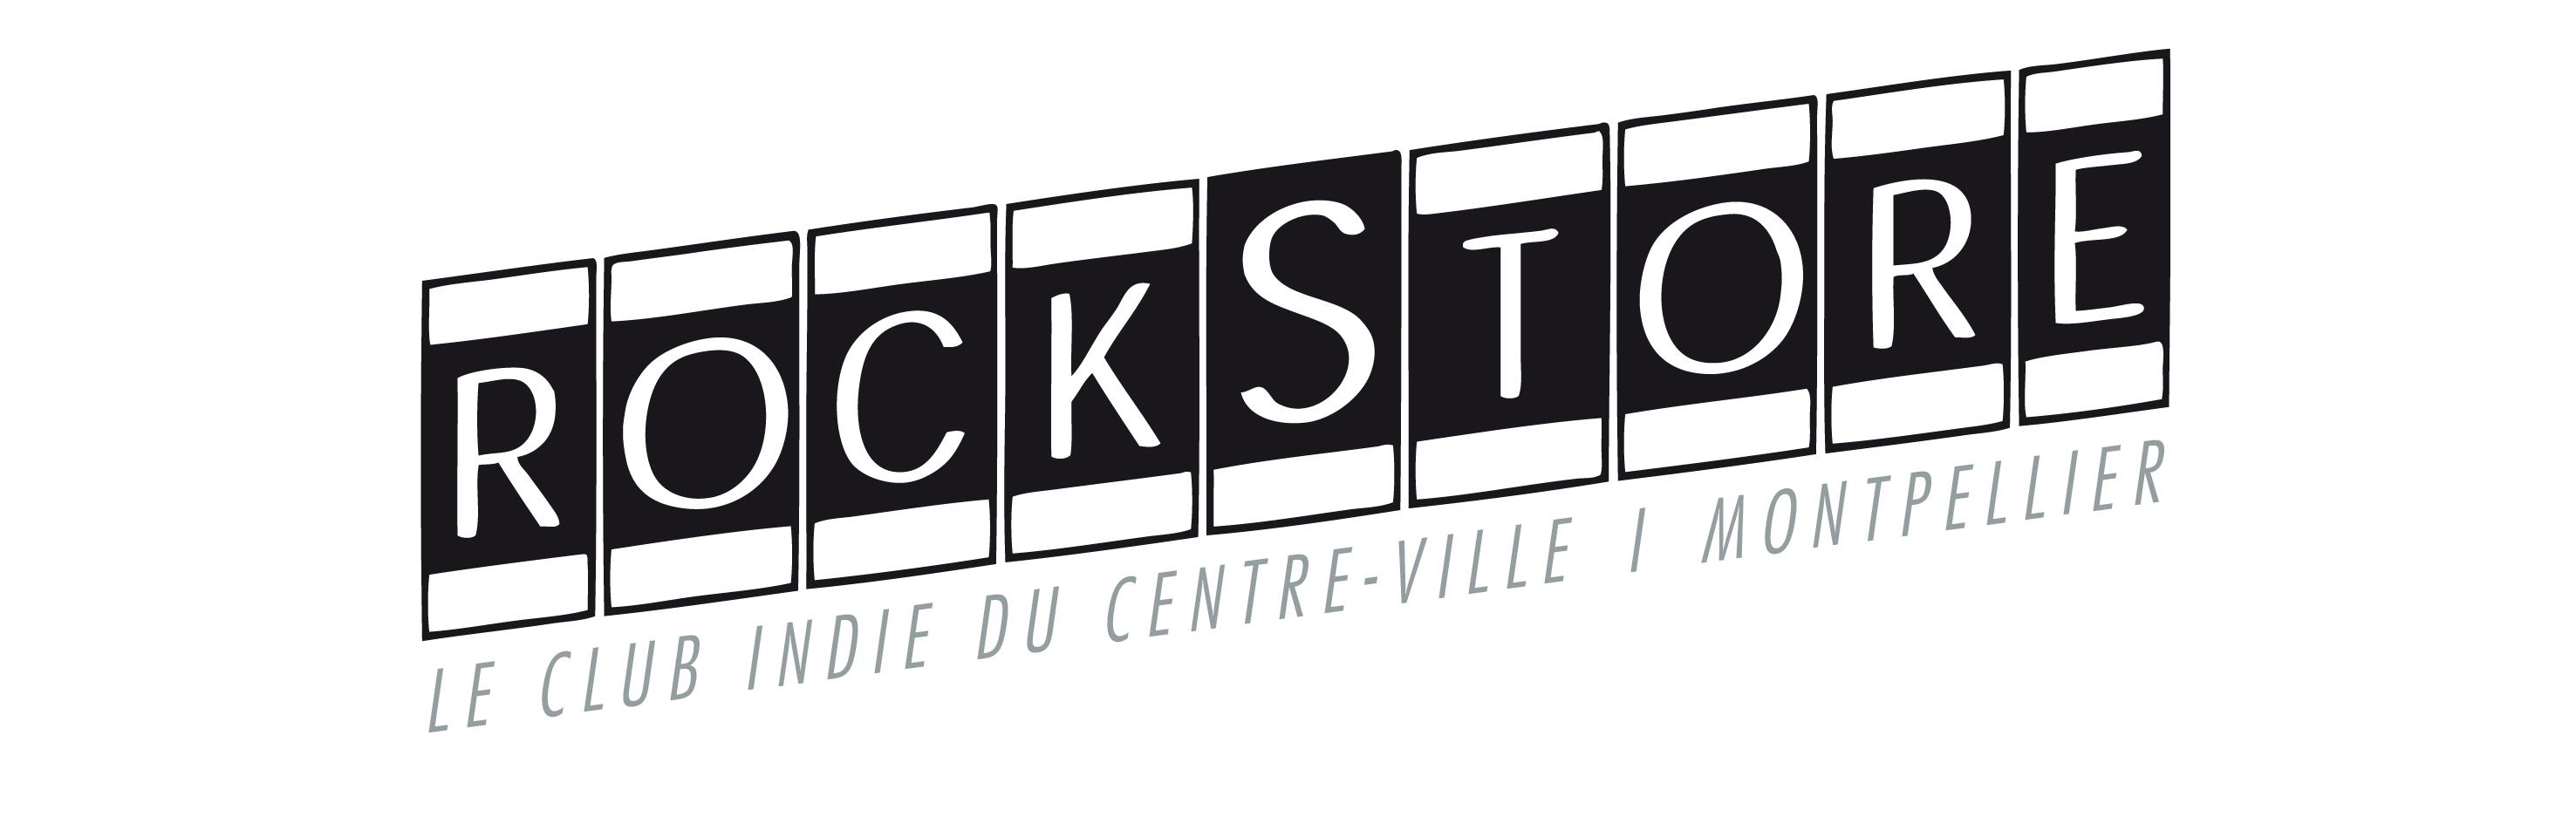 Rockstore club